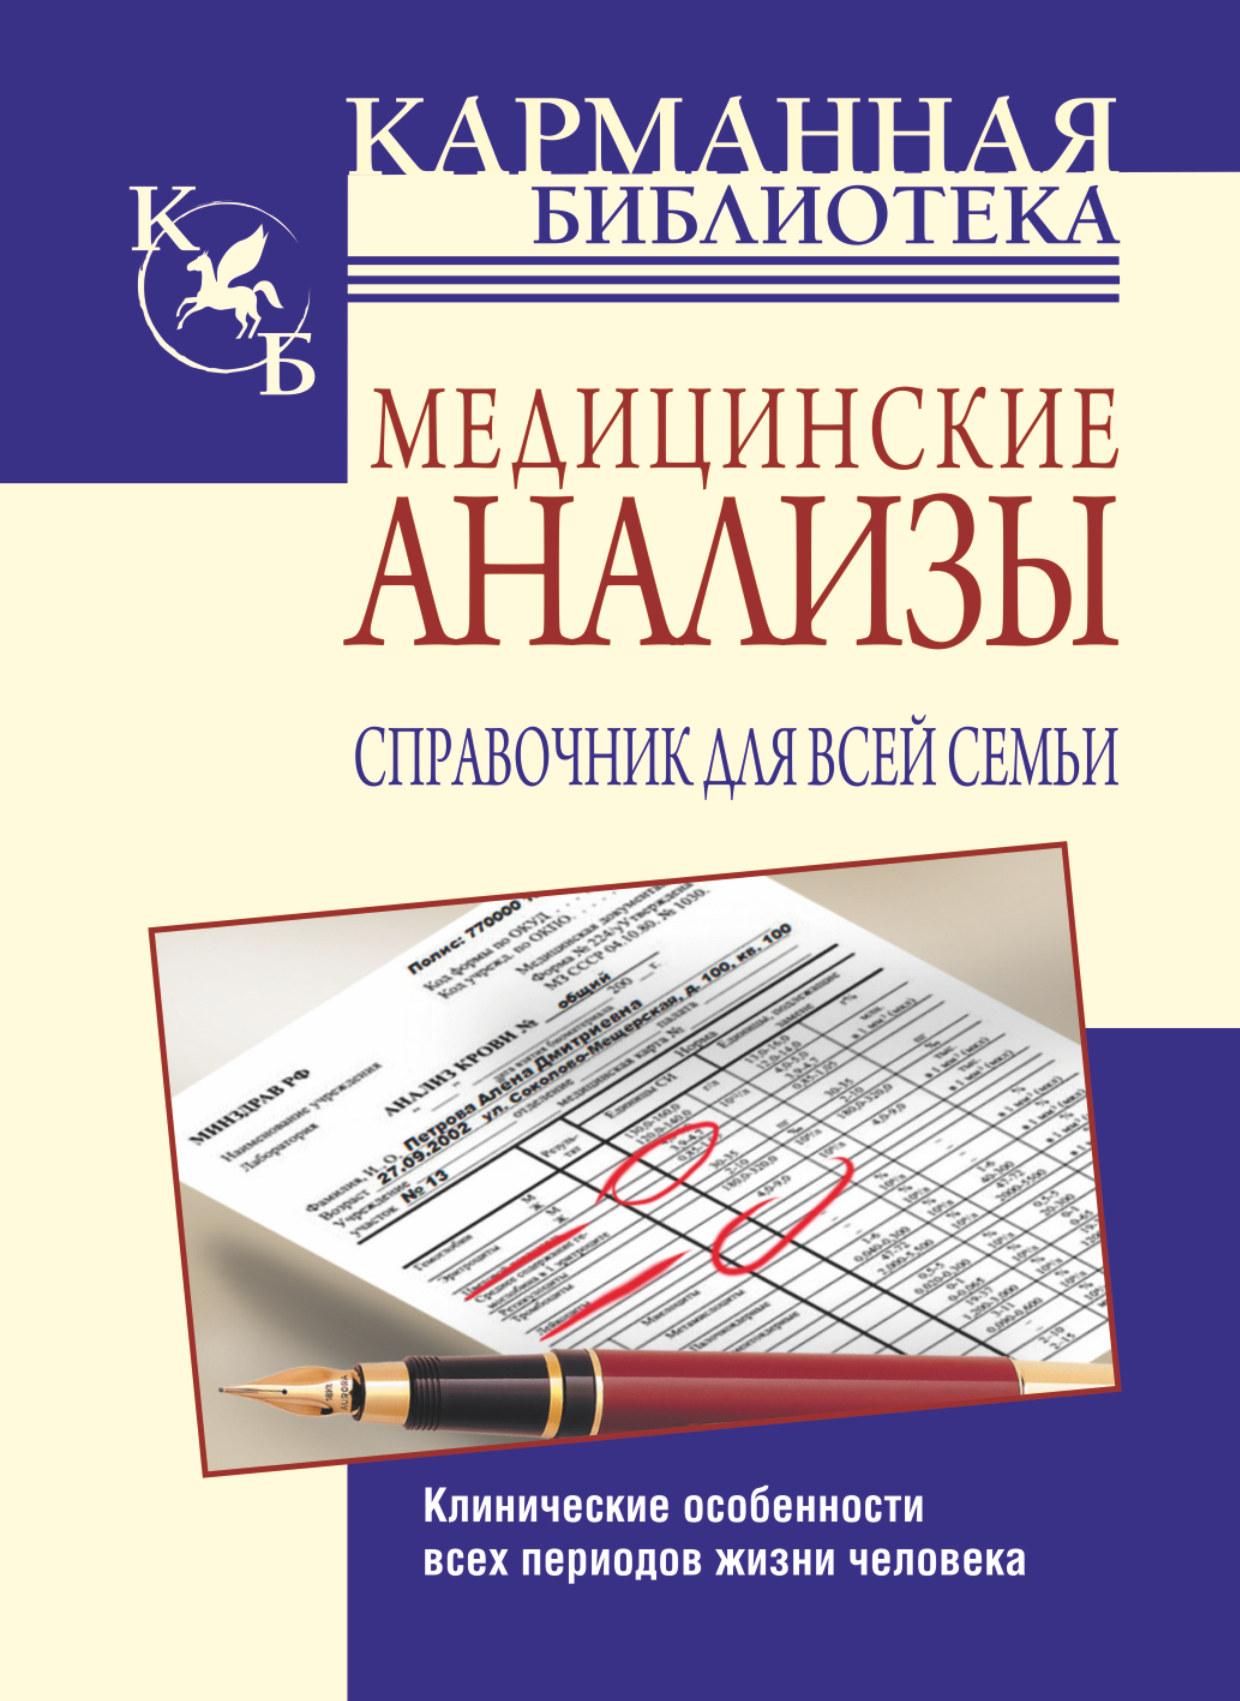 Медицинские анализы. Справочник для всей семьи